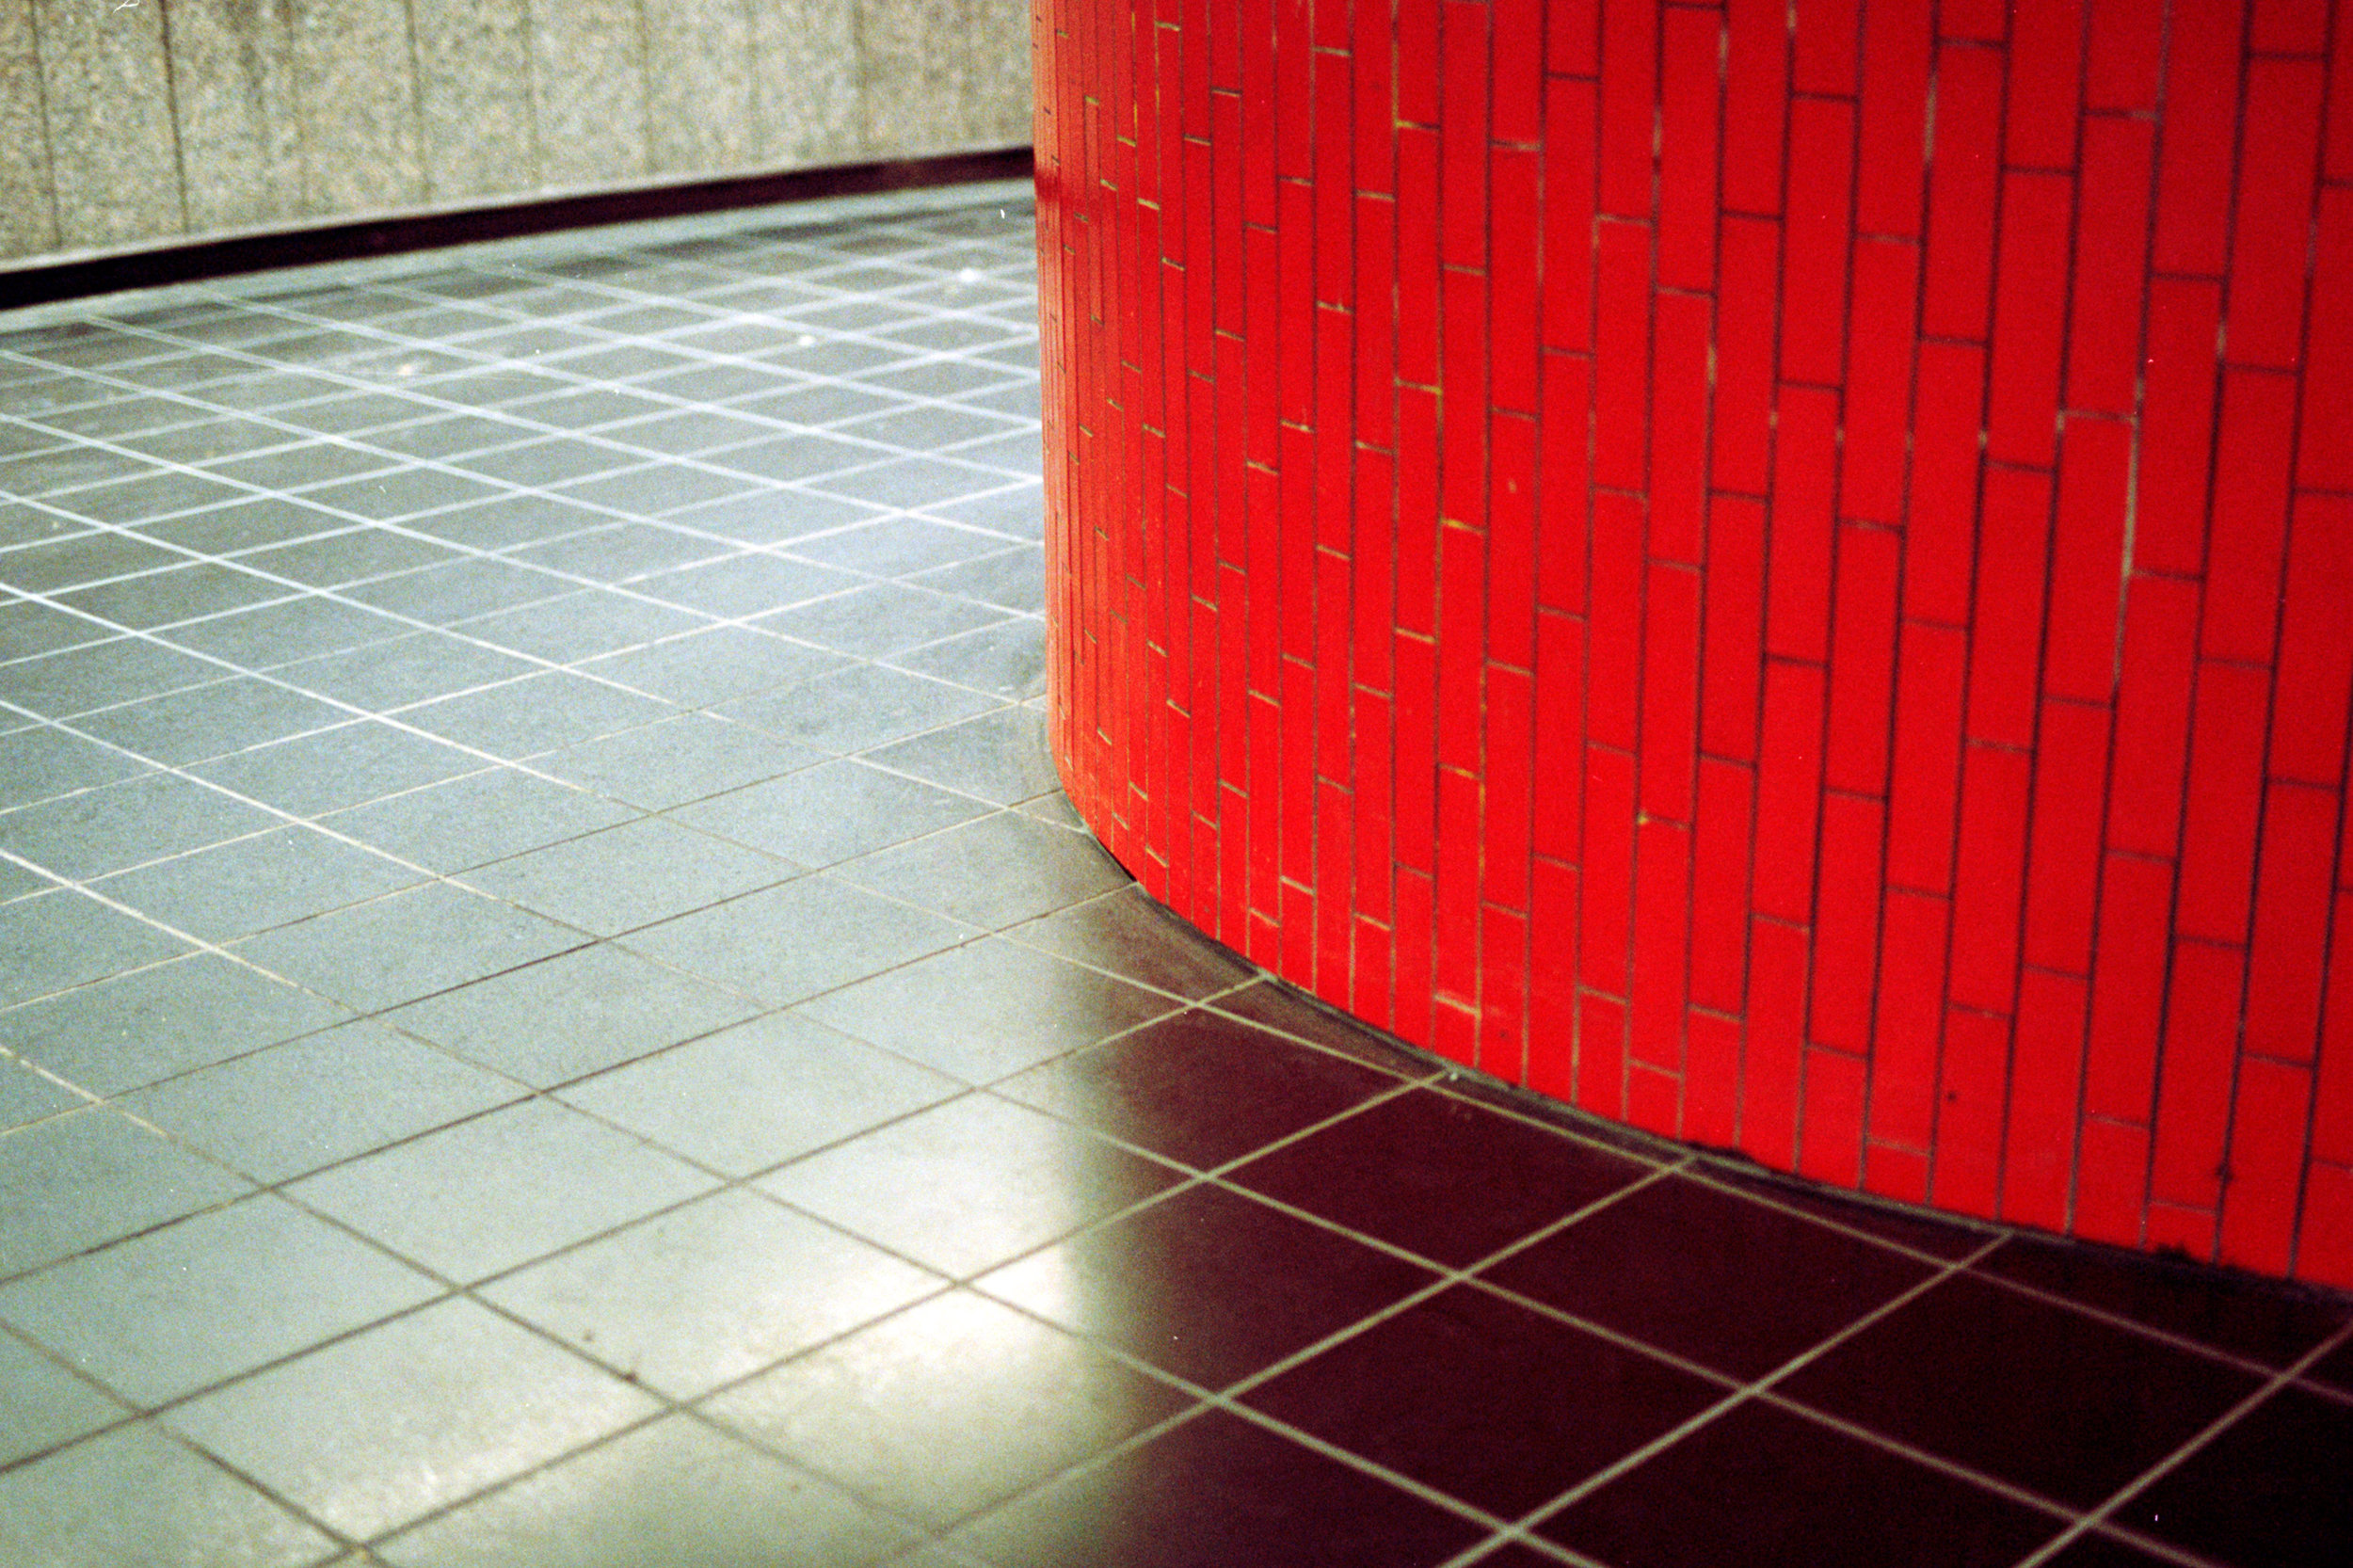 Kodak-pro-100-Lomo-800-Canada-1-(22).jpg